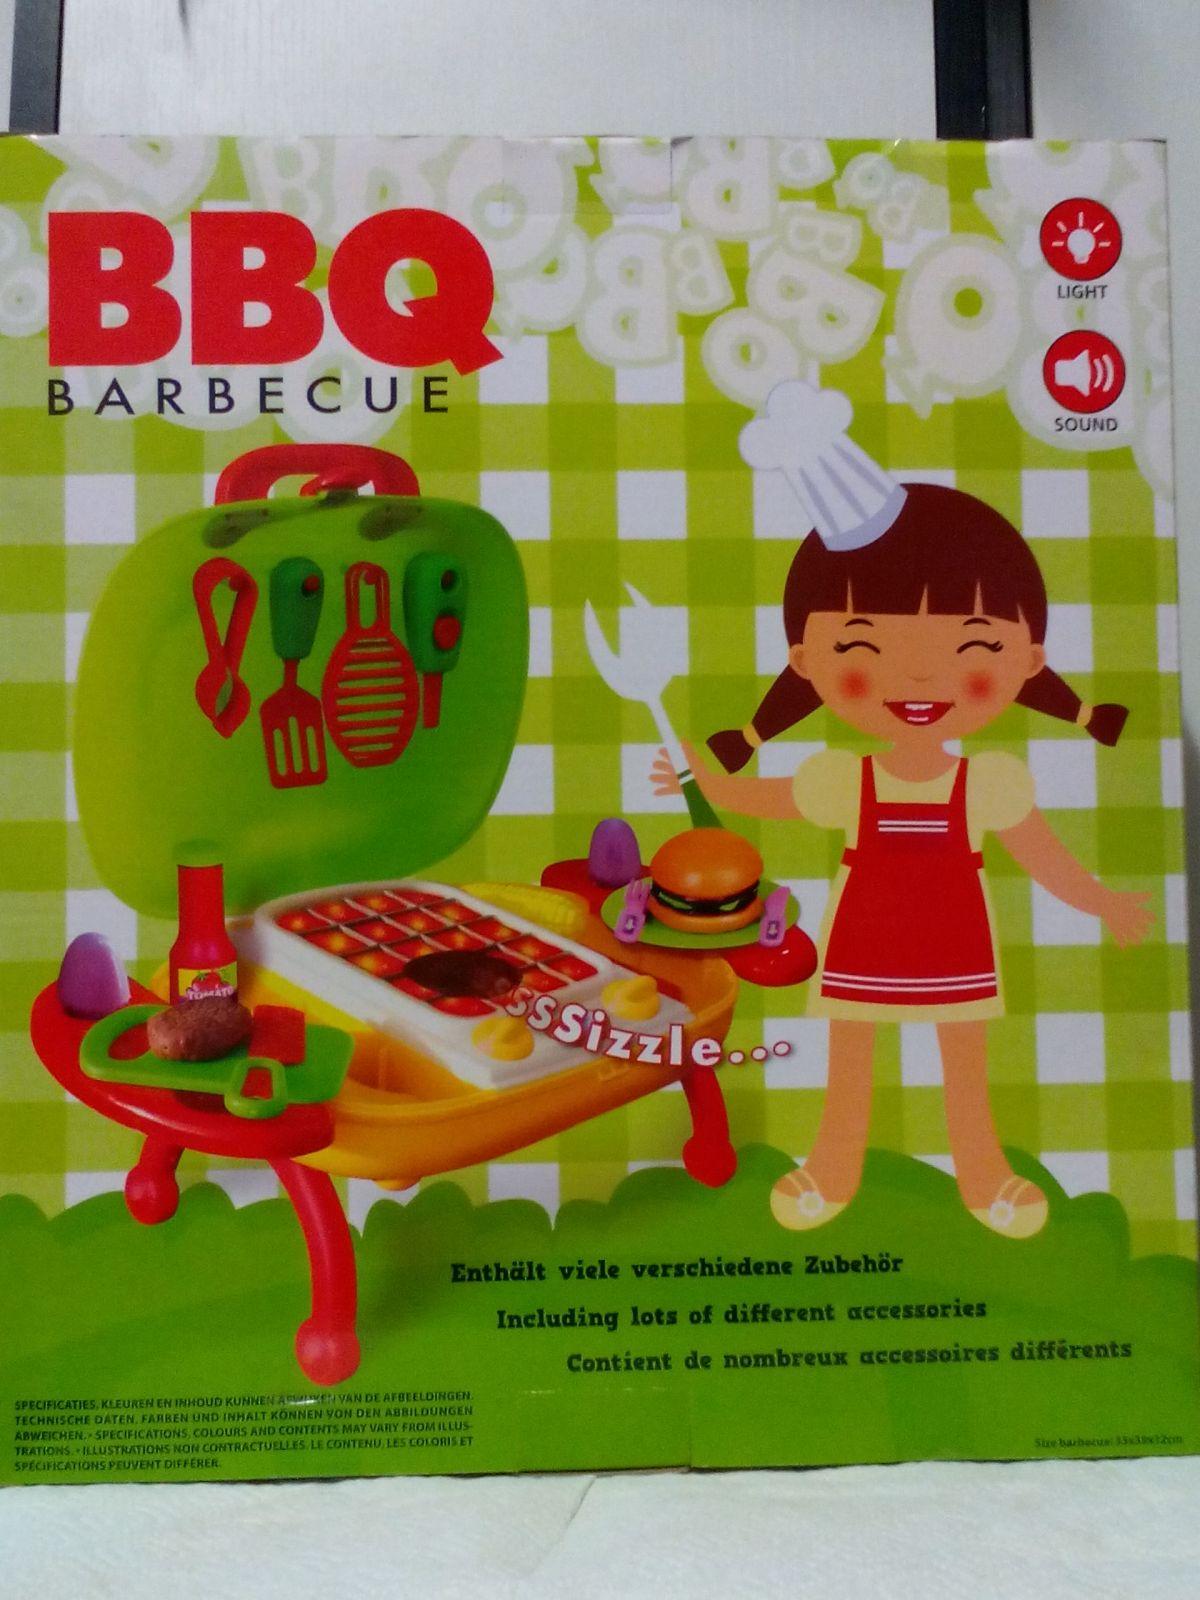 Dětský gril Barbecue pro malé kuchařky kuchyňky plastové VJM